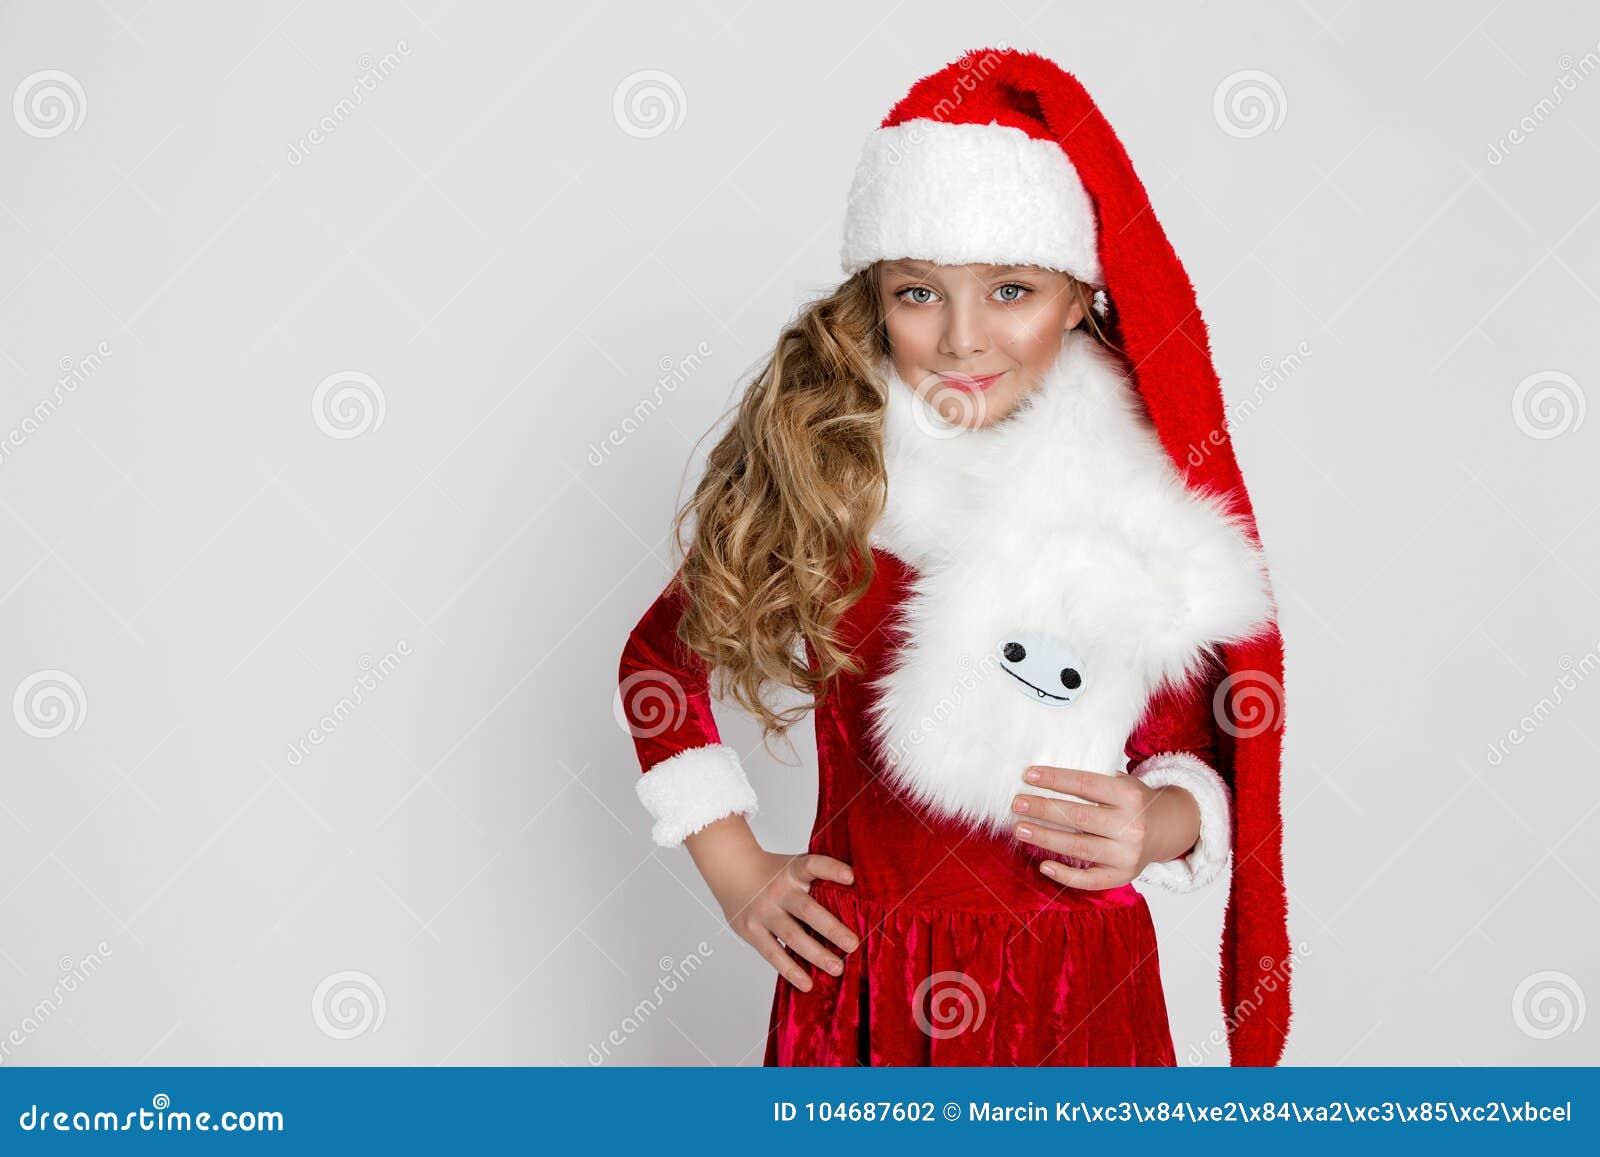 e46a4b73d Stunning Beautiful Little Girl With Long Blond